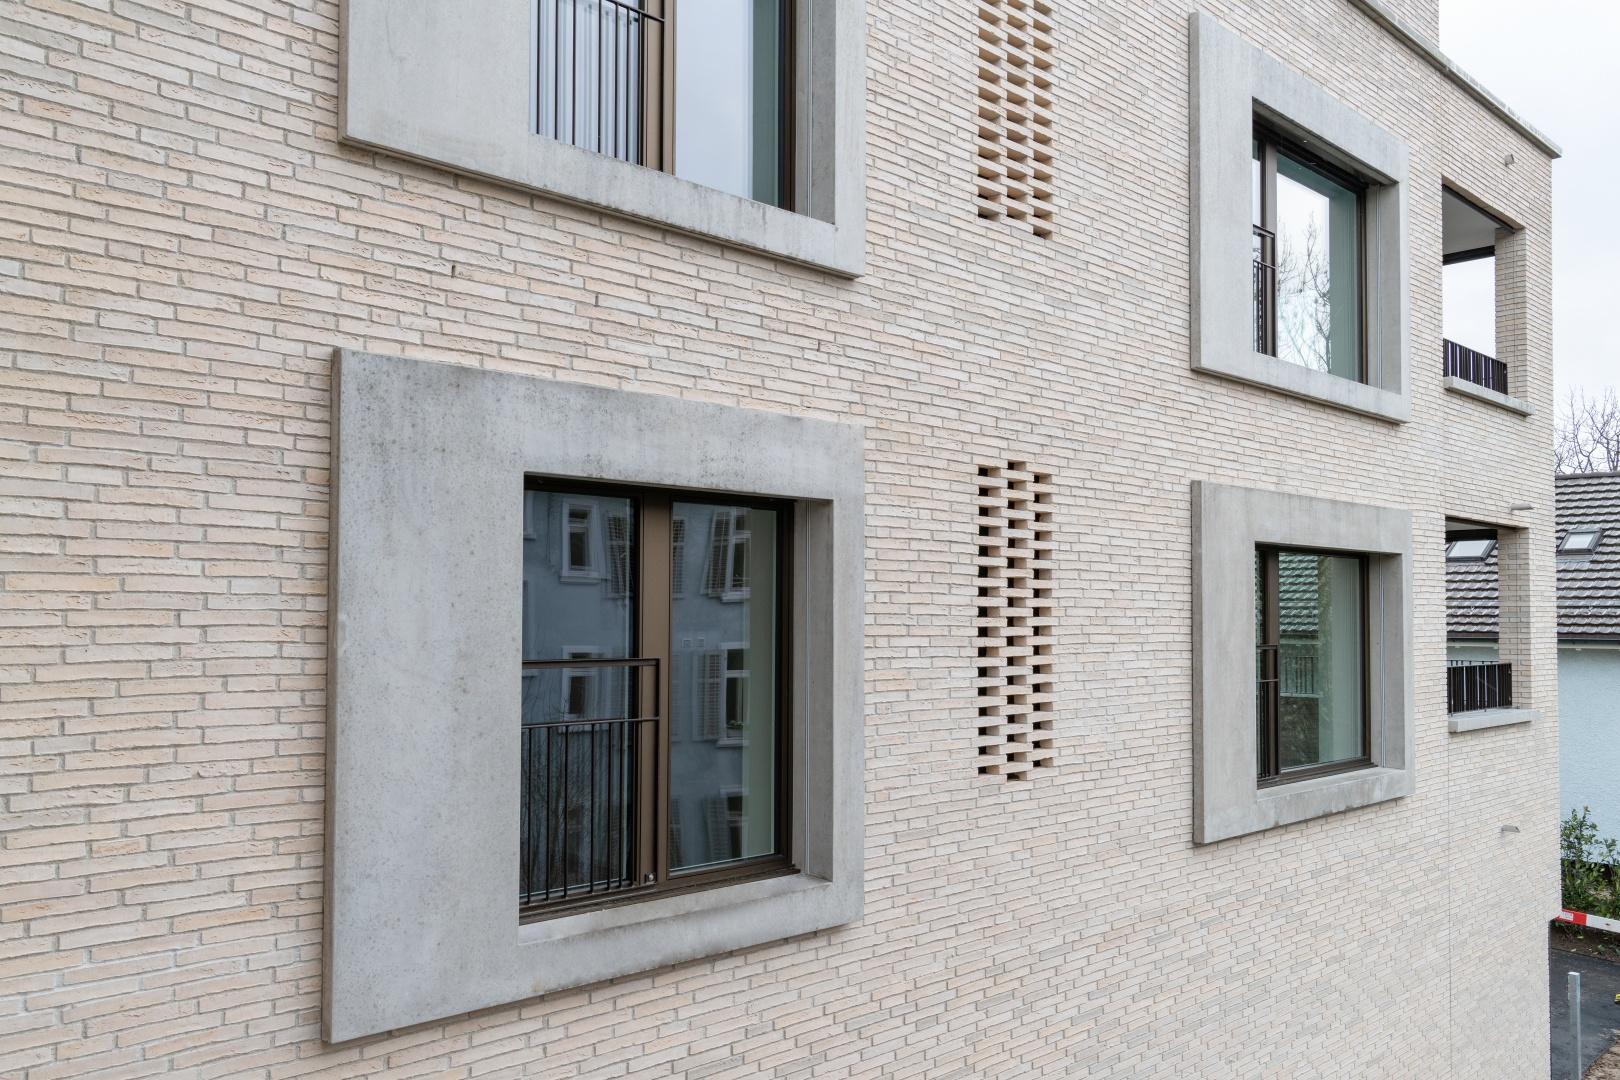 Klinkerfassade mit Perforationen und Betonfenstereinfassungen © René Rötheli • Atelier für Fotografie • CH - 5400 Baden